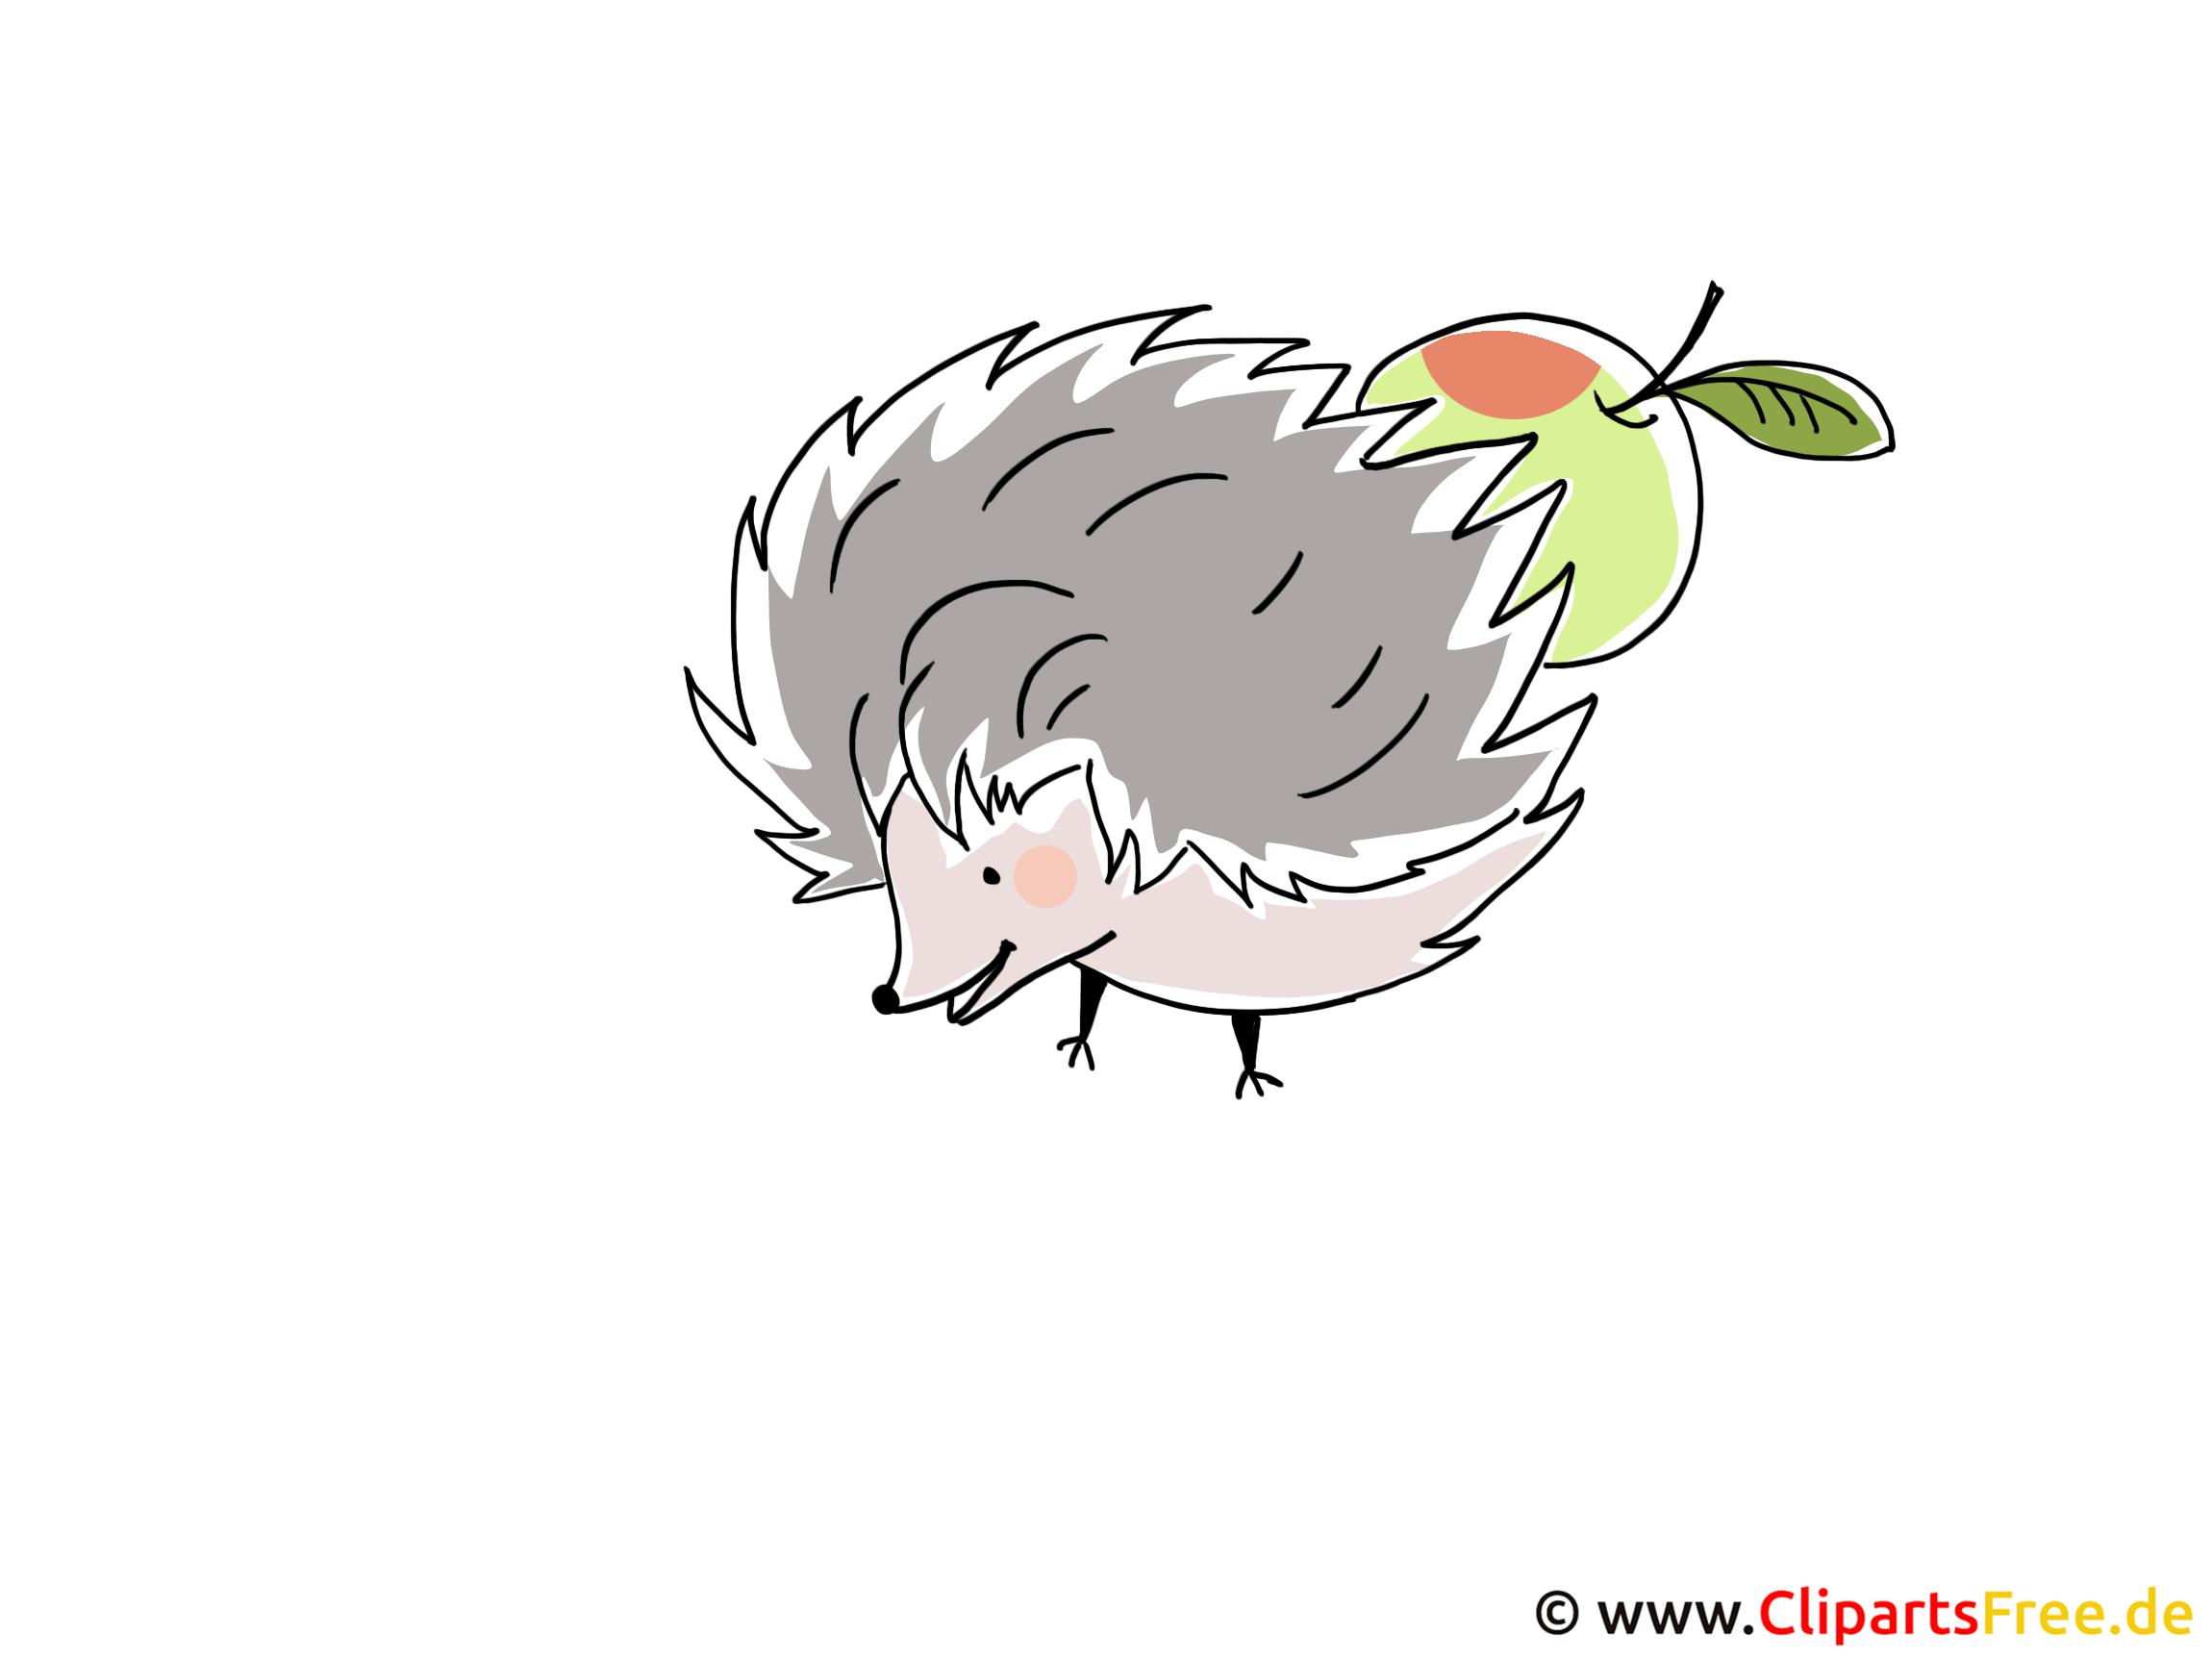 igel bild clipart illustration grafik kostenlos